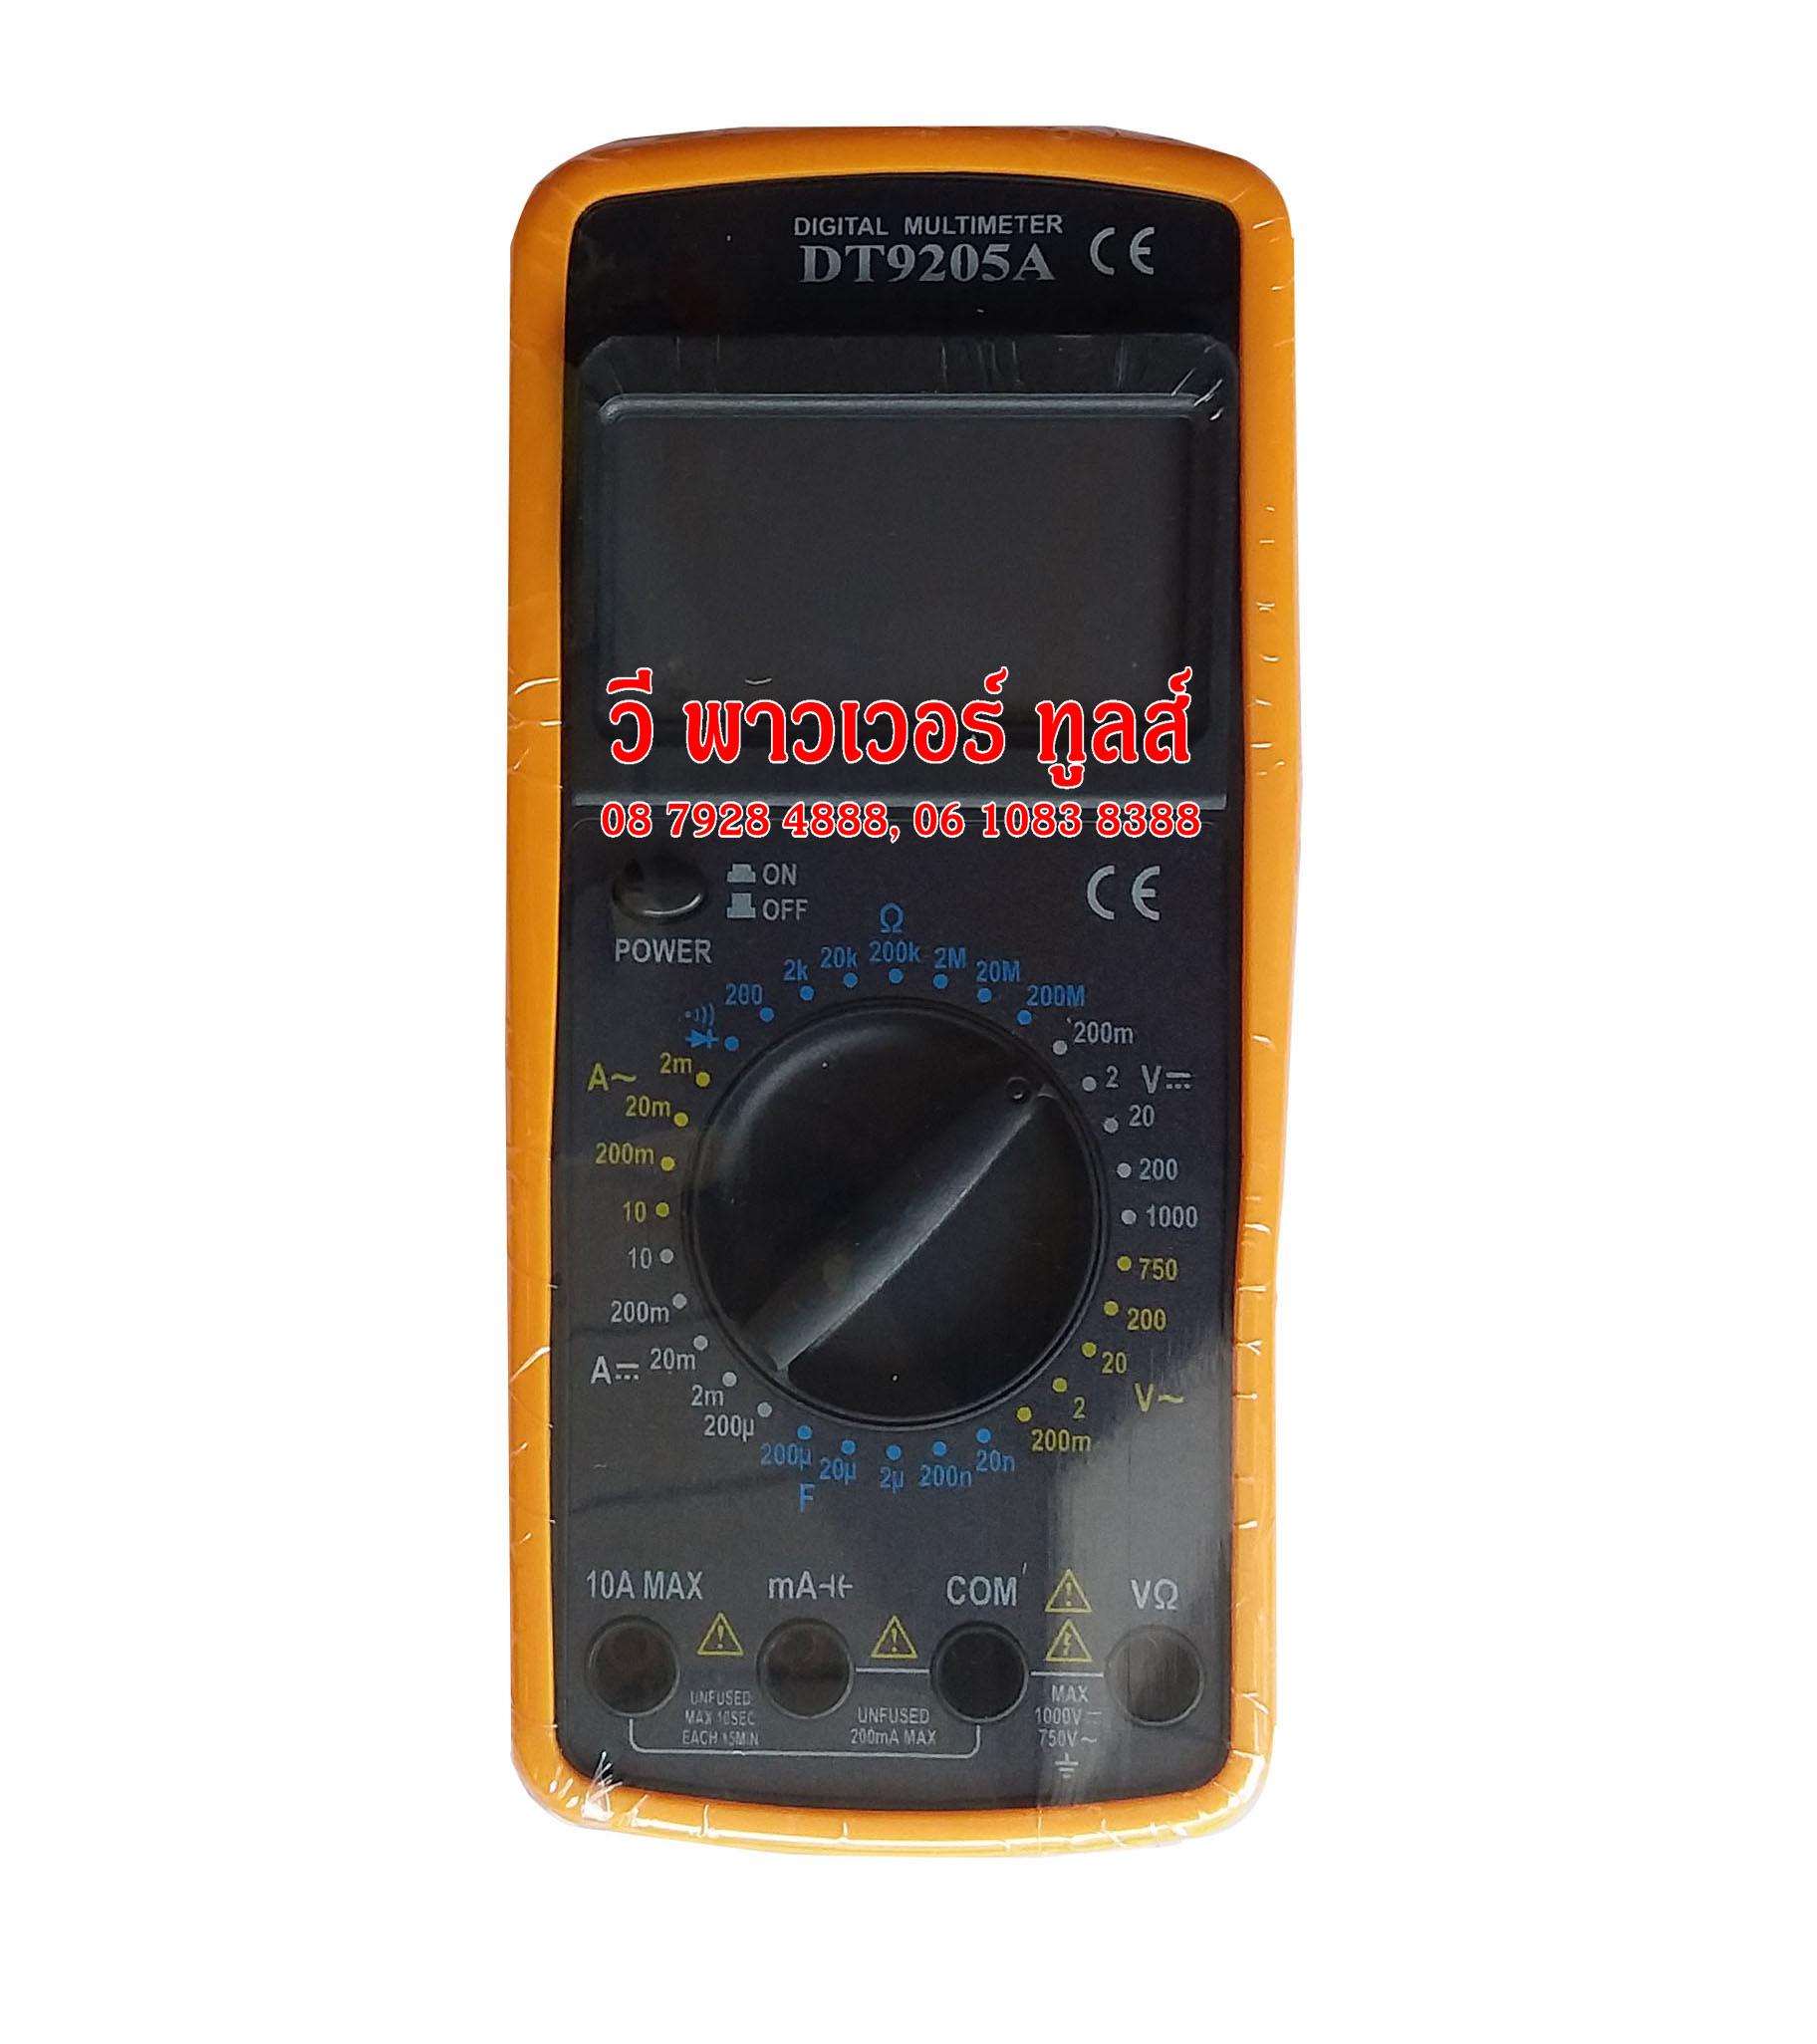 มัลติมิเตอร์ ดิจิตอล DT 9205A